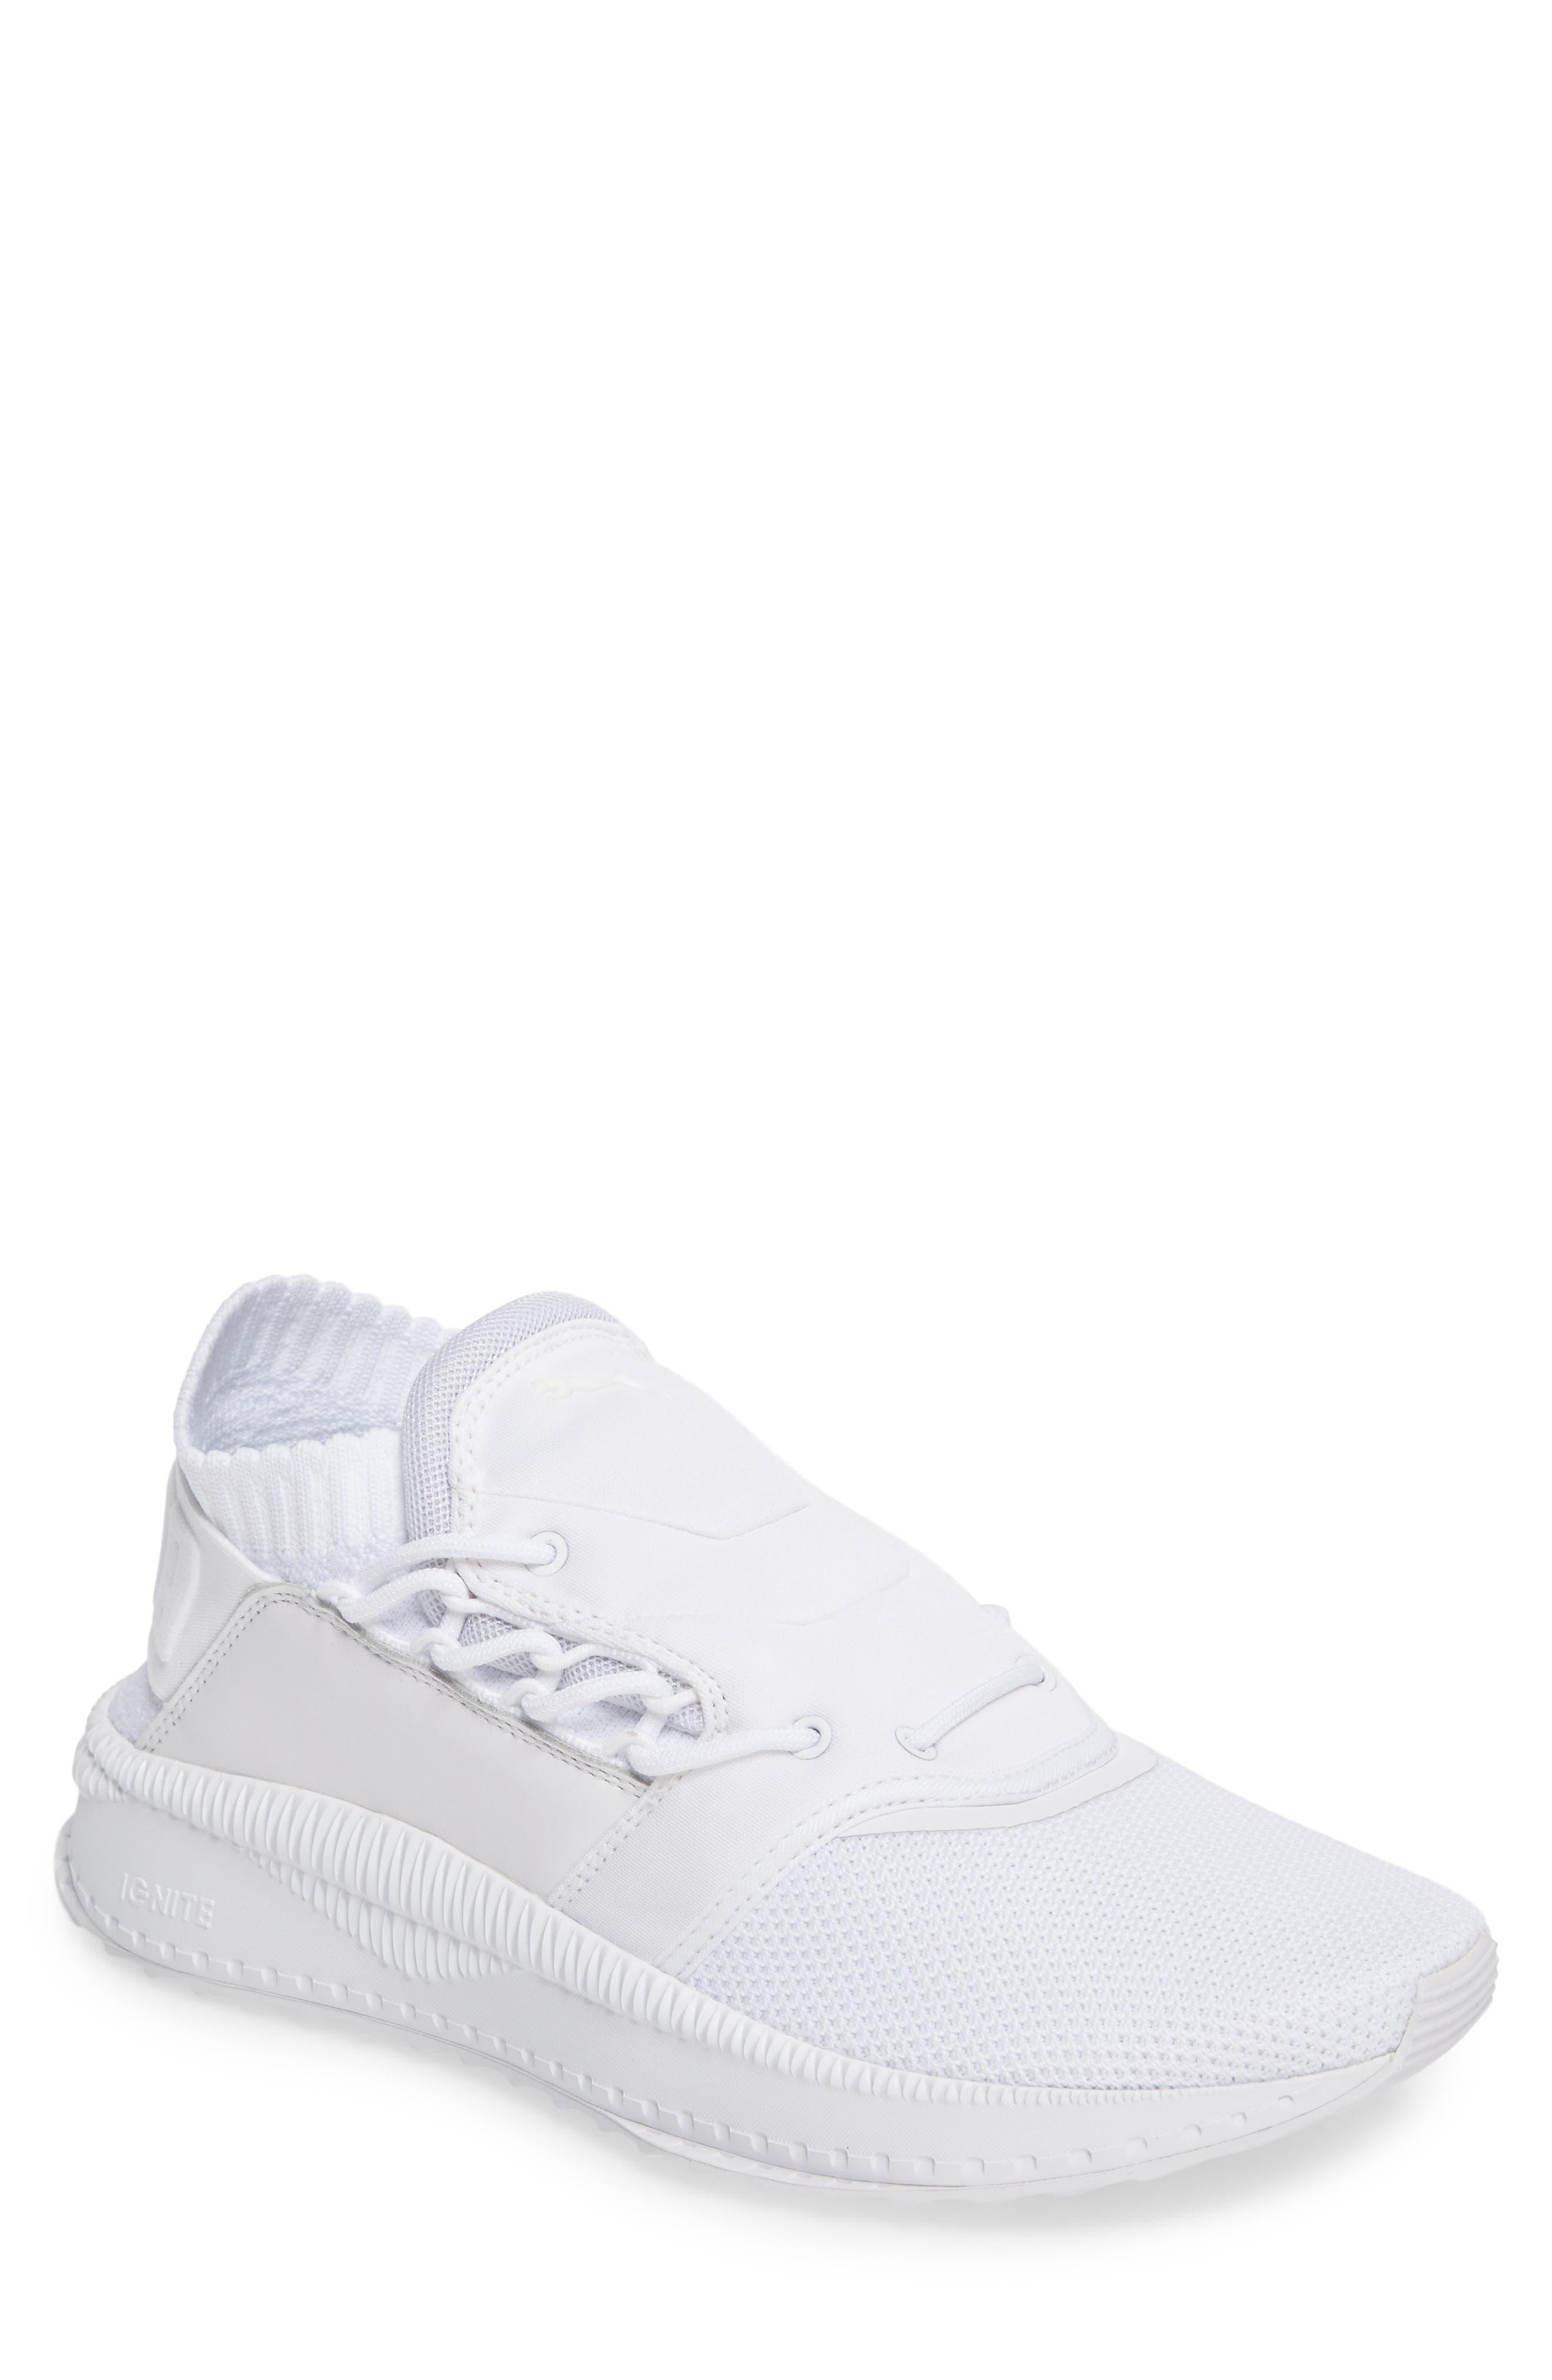 PUMA Tsugi Sensei Sneaker (Men)